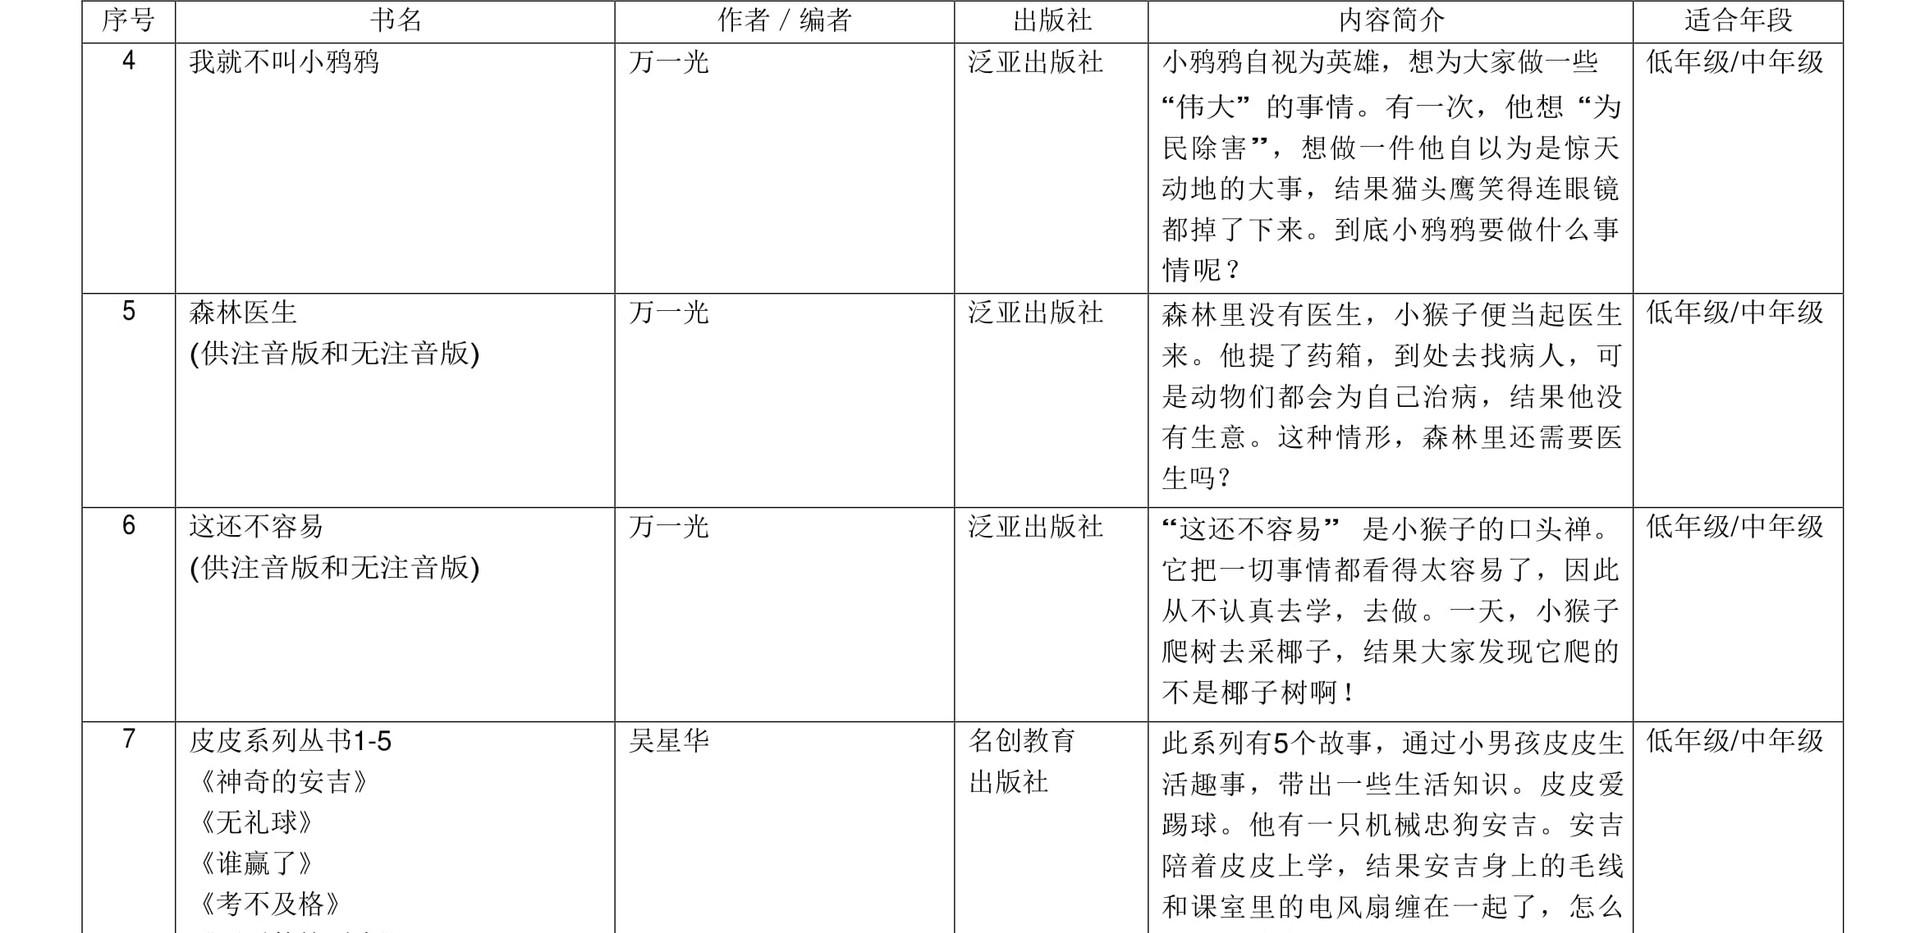 小学华文课外读物参考书目2.jpg